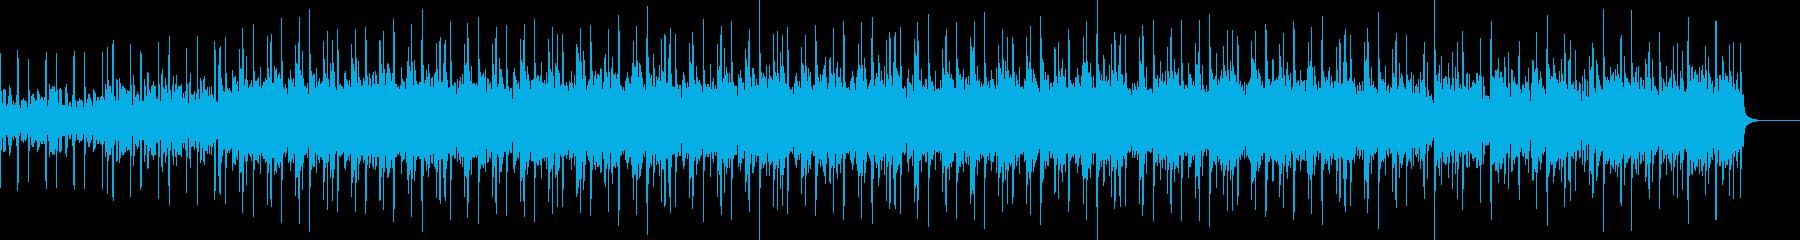 サックスの音色が鳴り響く軽~いポップスの再生済みの波形